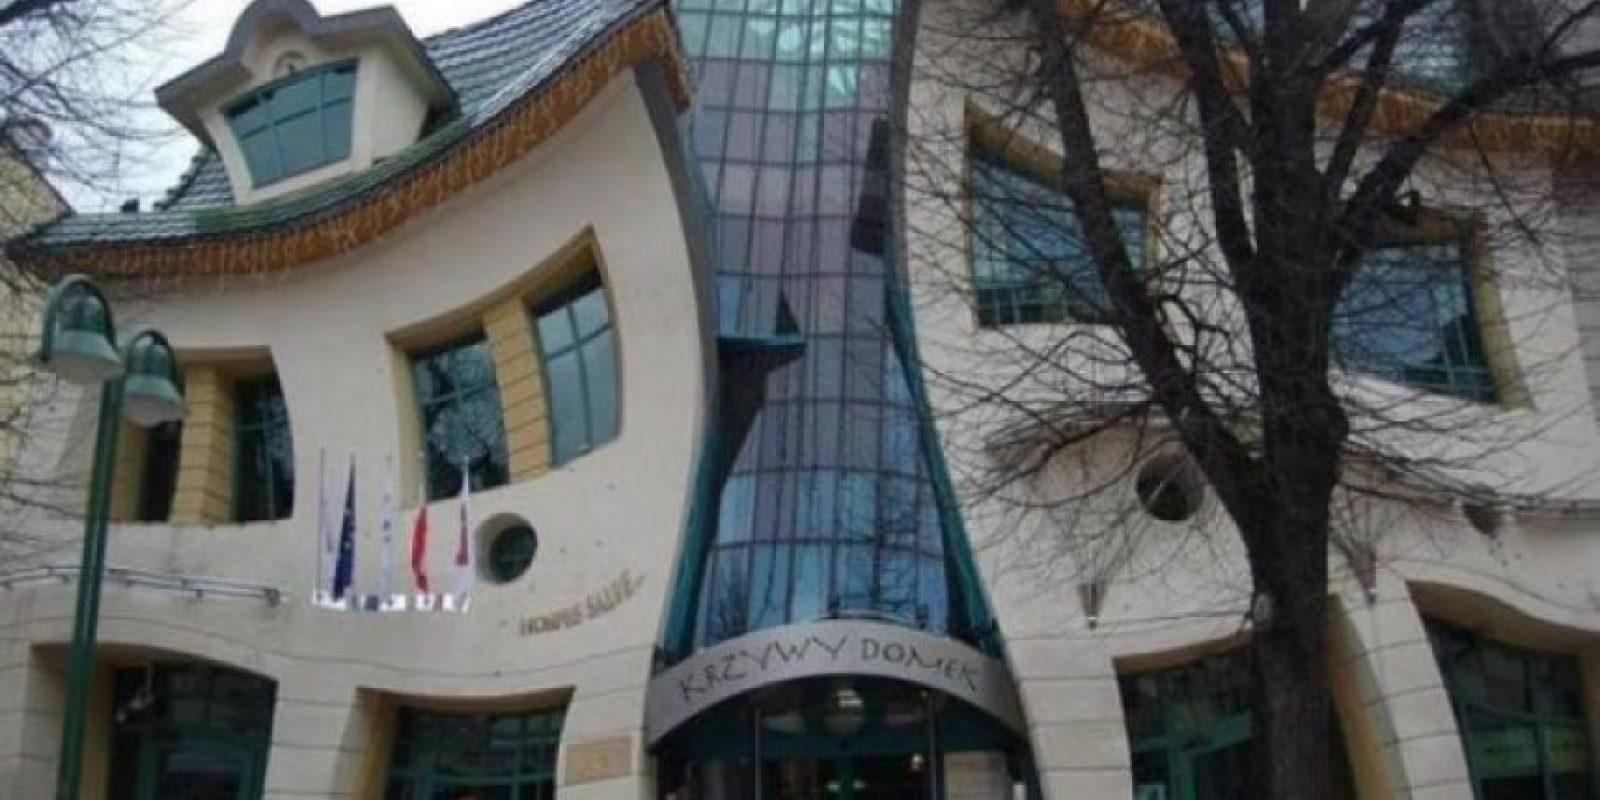 En Spot, en la costera de Polonia, se encuentra la Casa Torcida o The Crooked House, edificio diseñado por los arquitectos Szotyński y Zaleski, que se inspiraron en los comics de Juan Marcin Szancer y Per Dahlberg